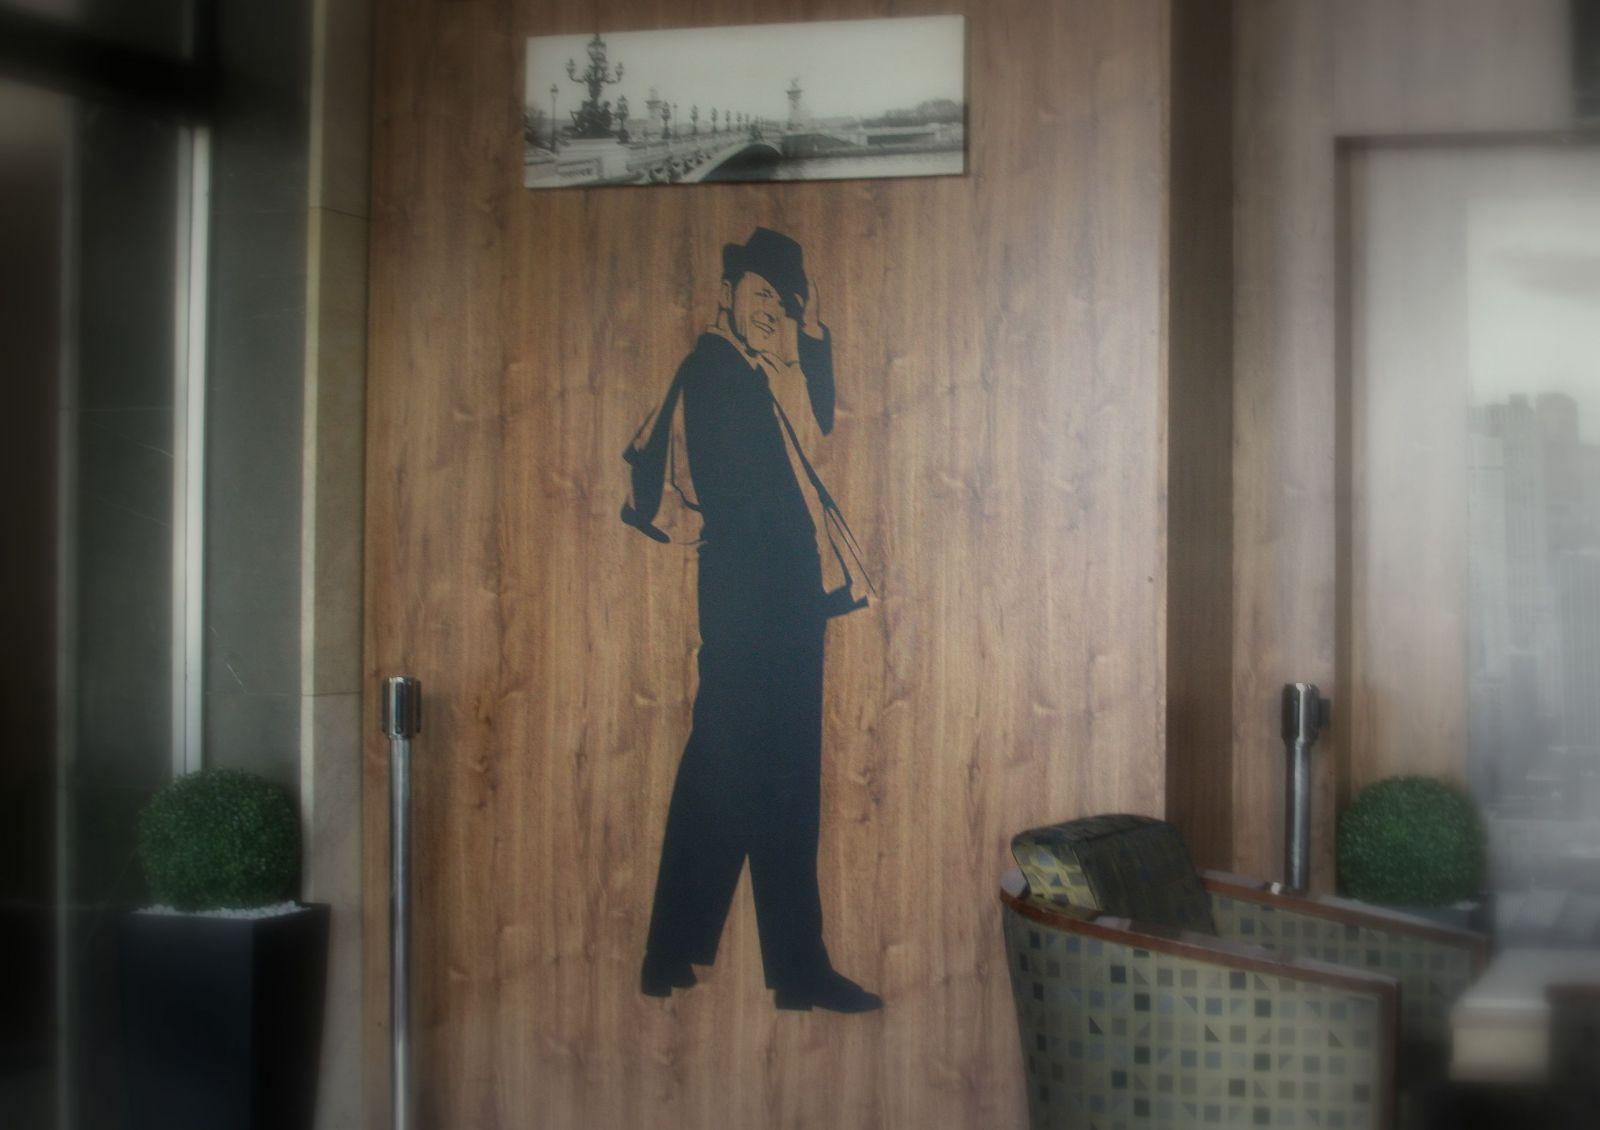 Frank Sinatra v popradskom hoteli Gerlach